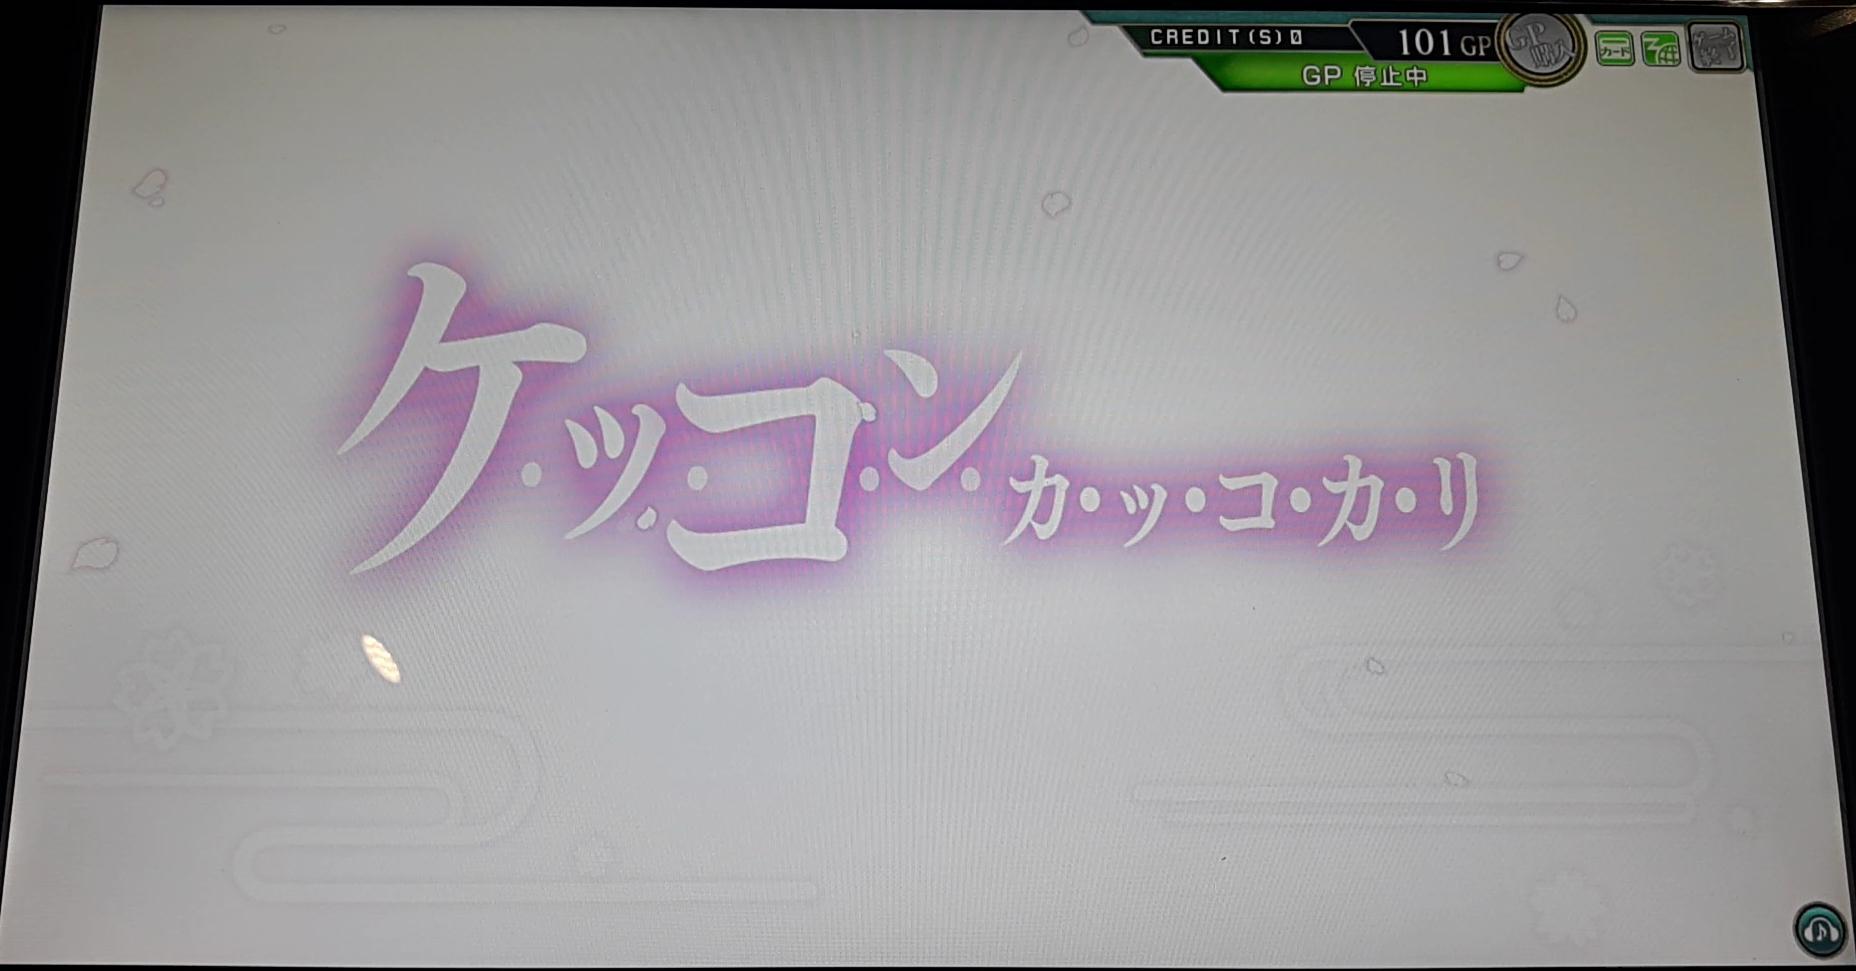 【AC】ケッコンカッコカリレポート